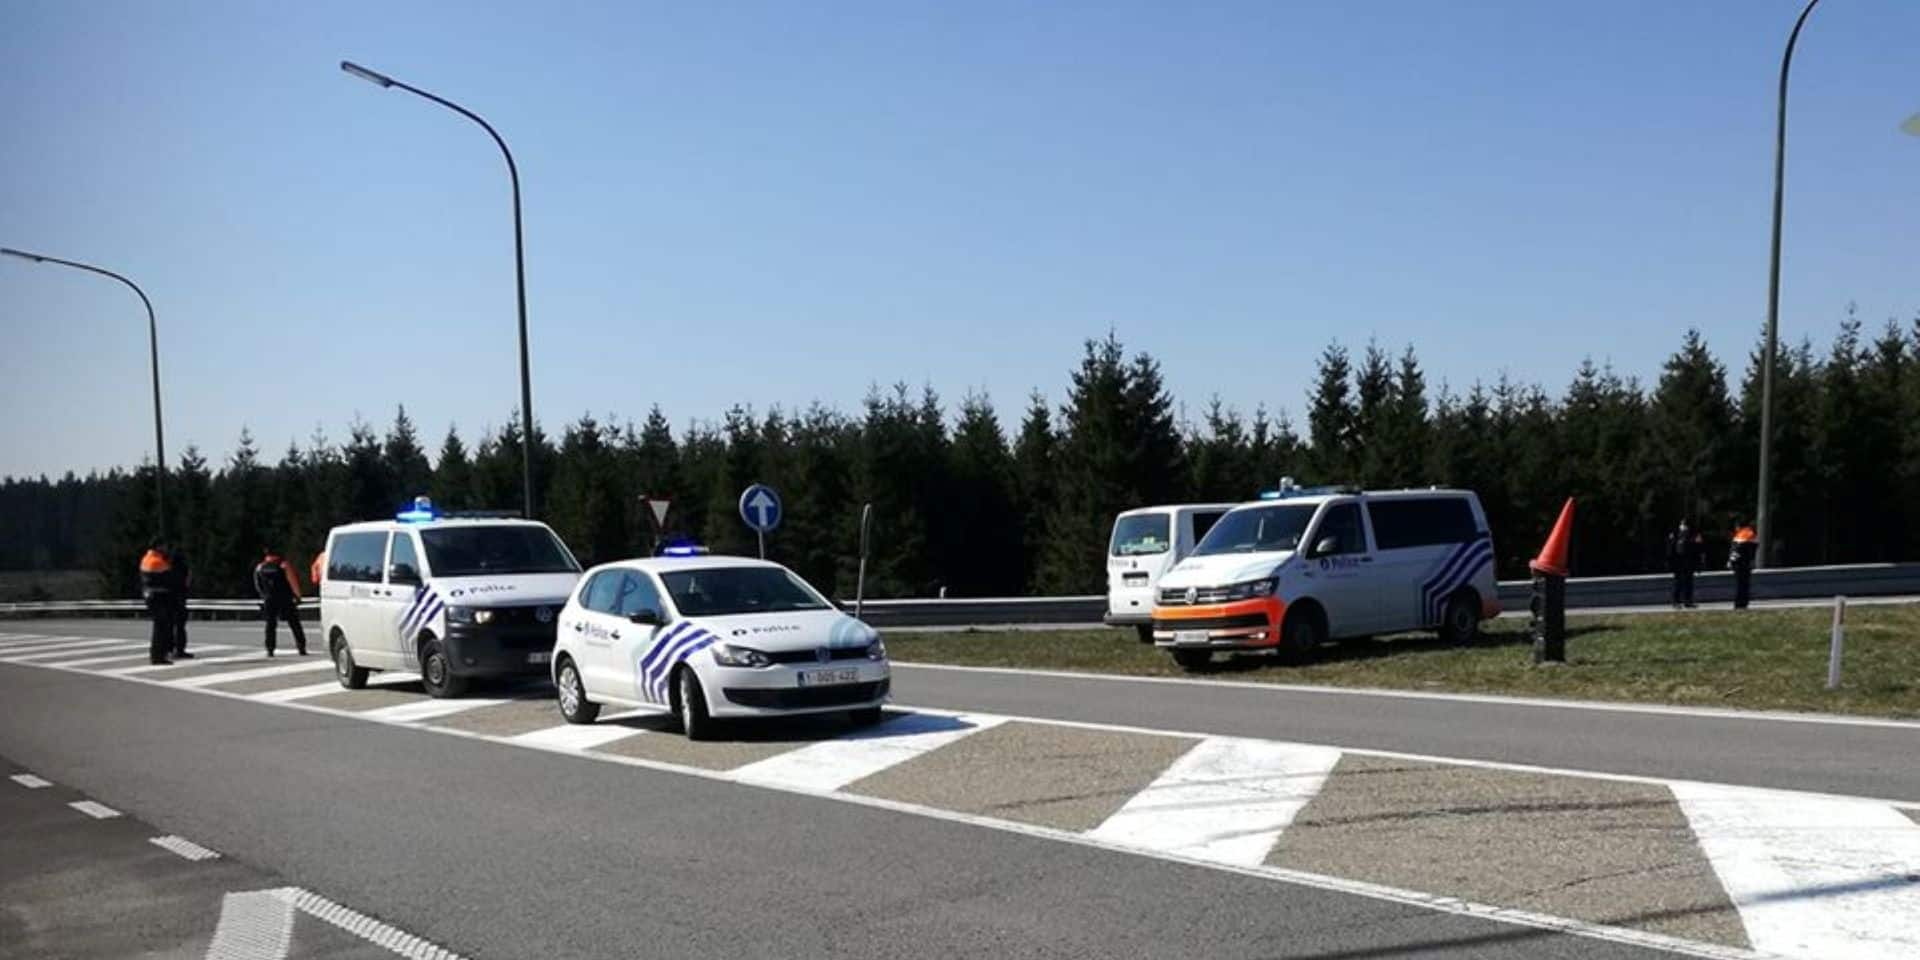 Province de Luxembourg: un récidiviste verbalisé pour non-respect du couvre-feu